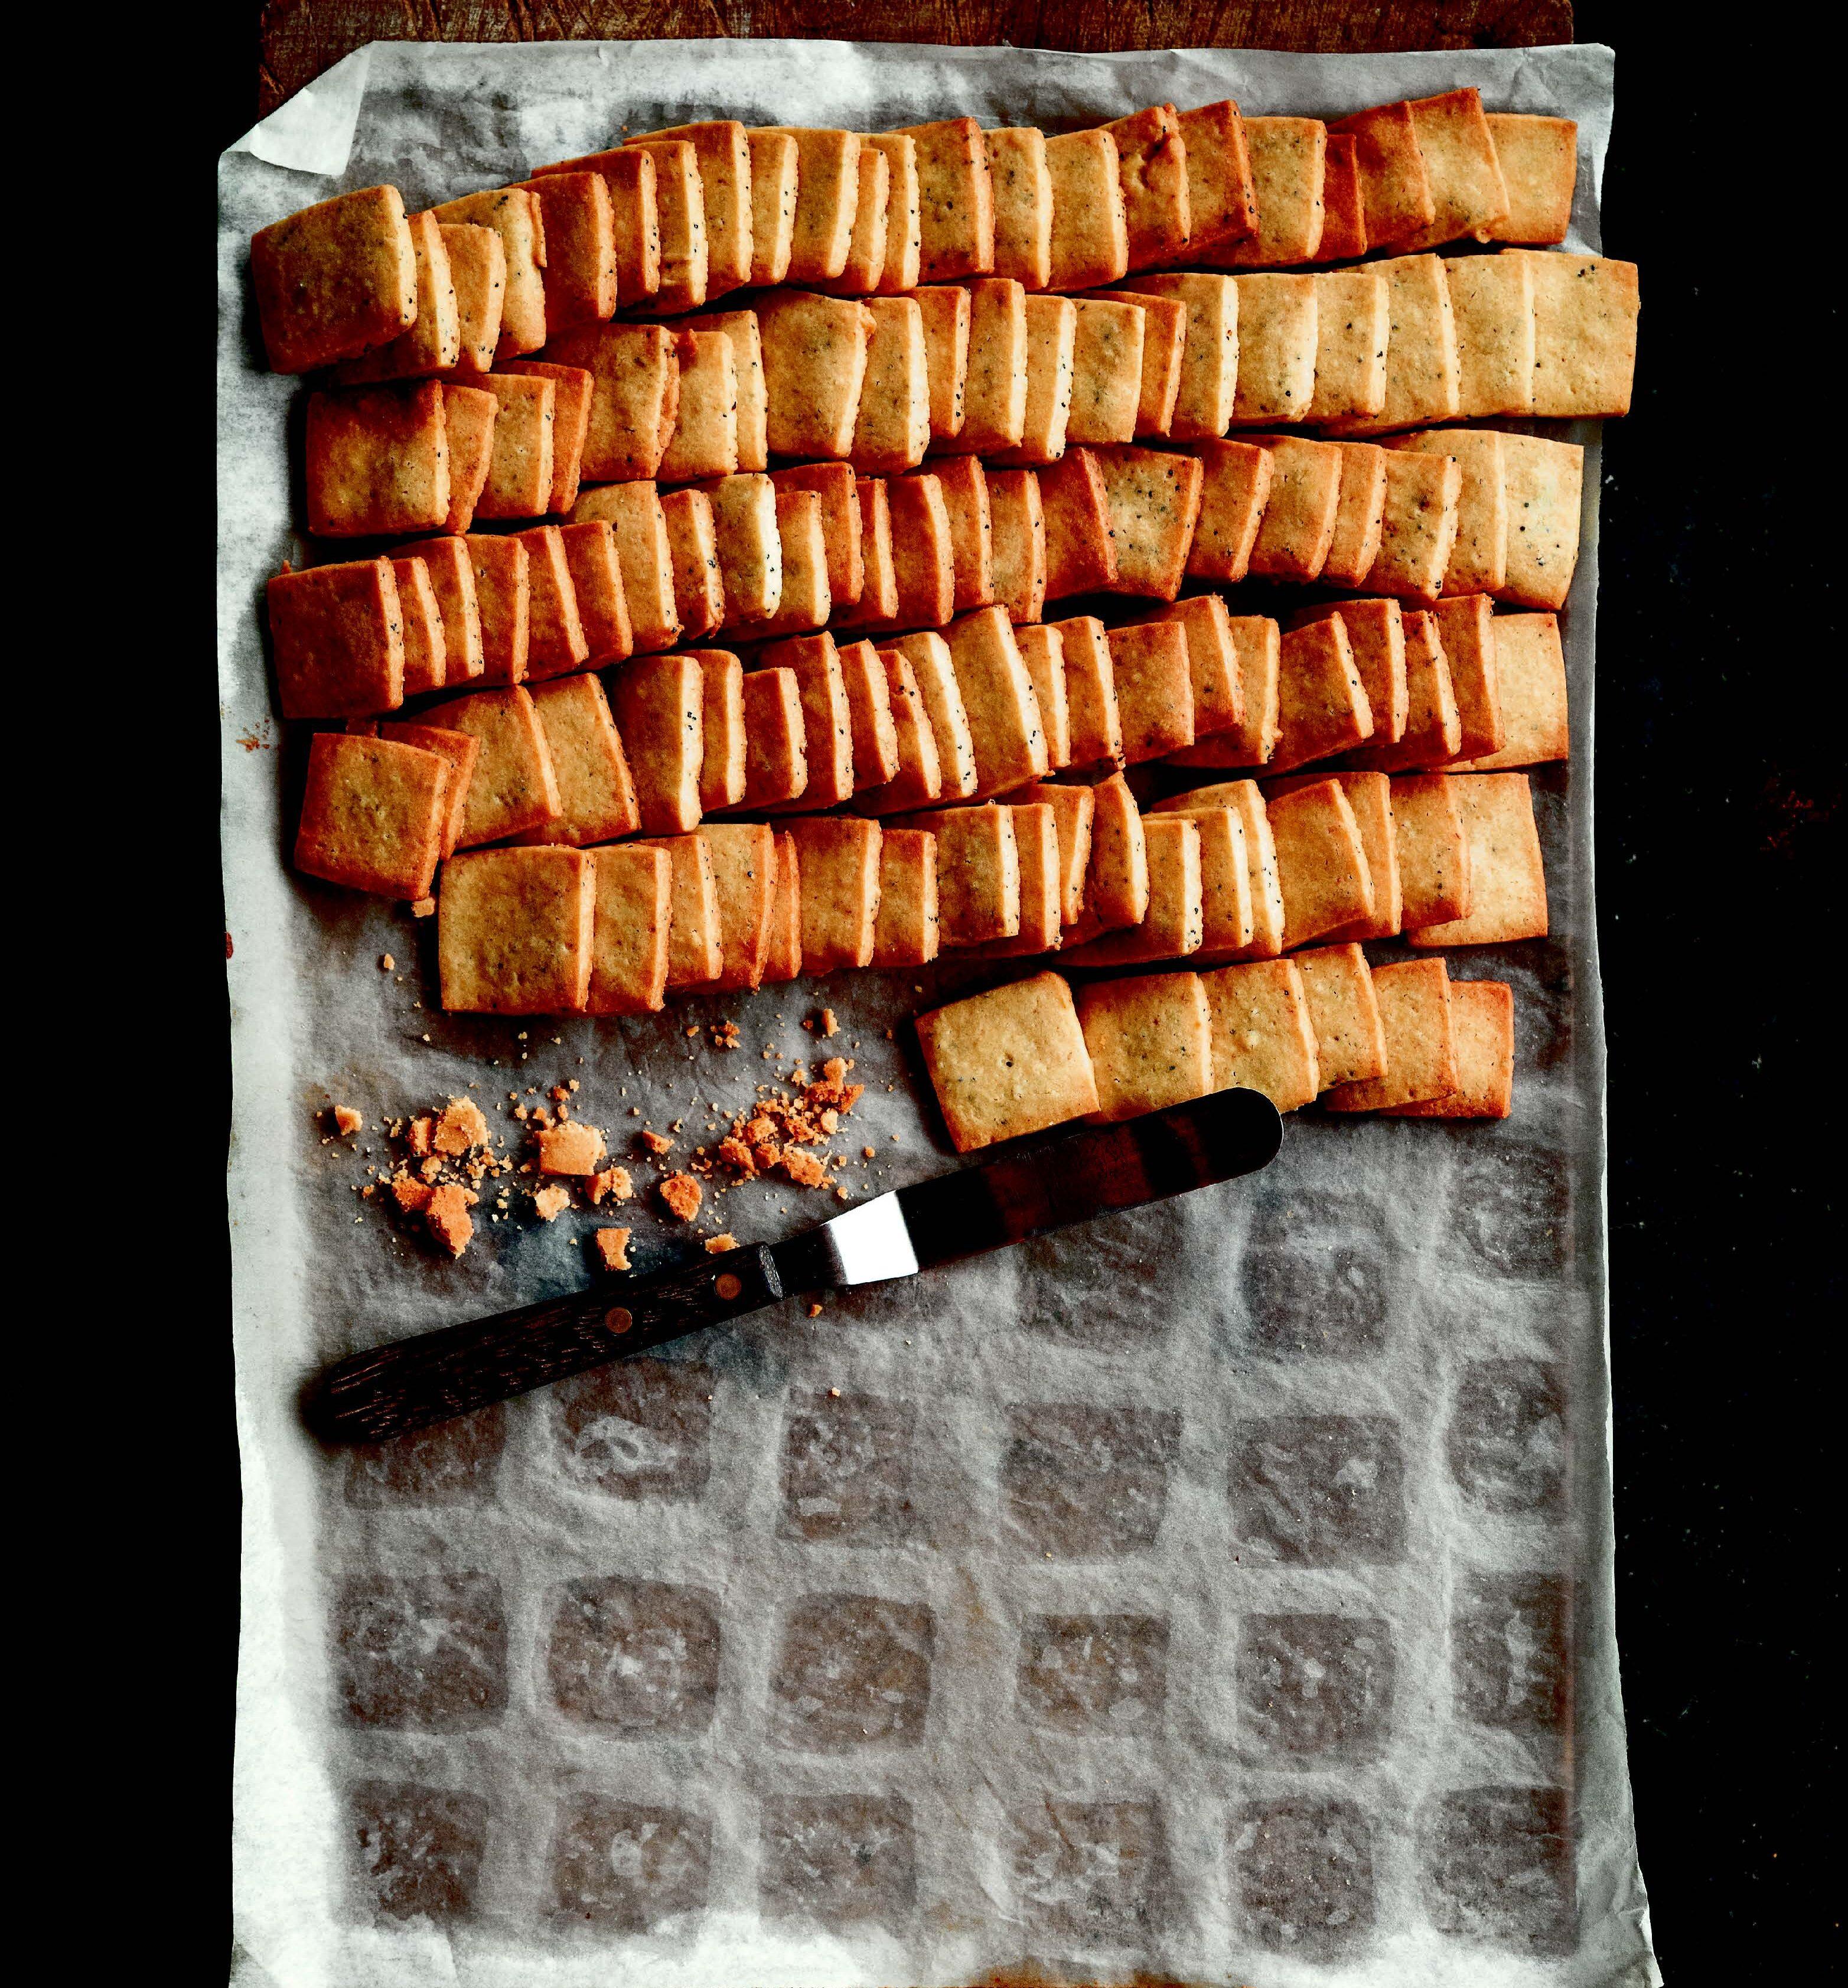 poppy seed Shortbread cookies